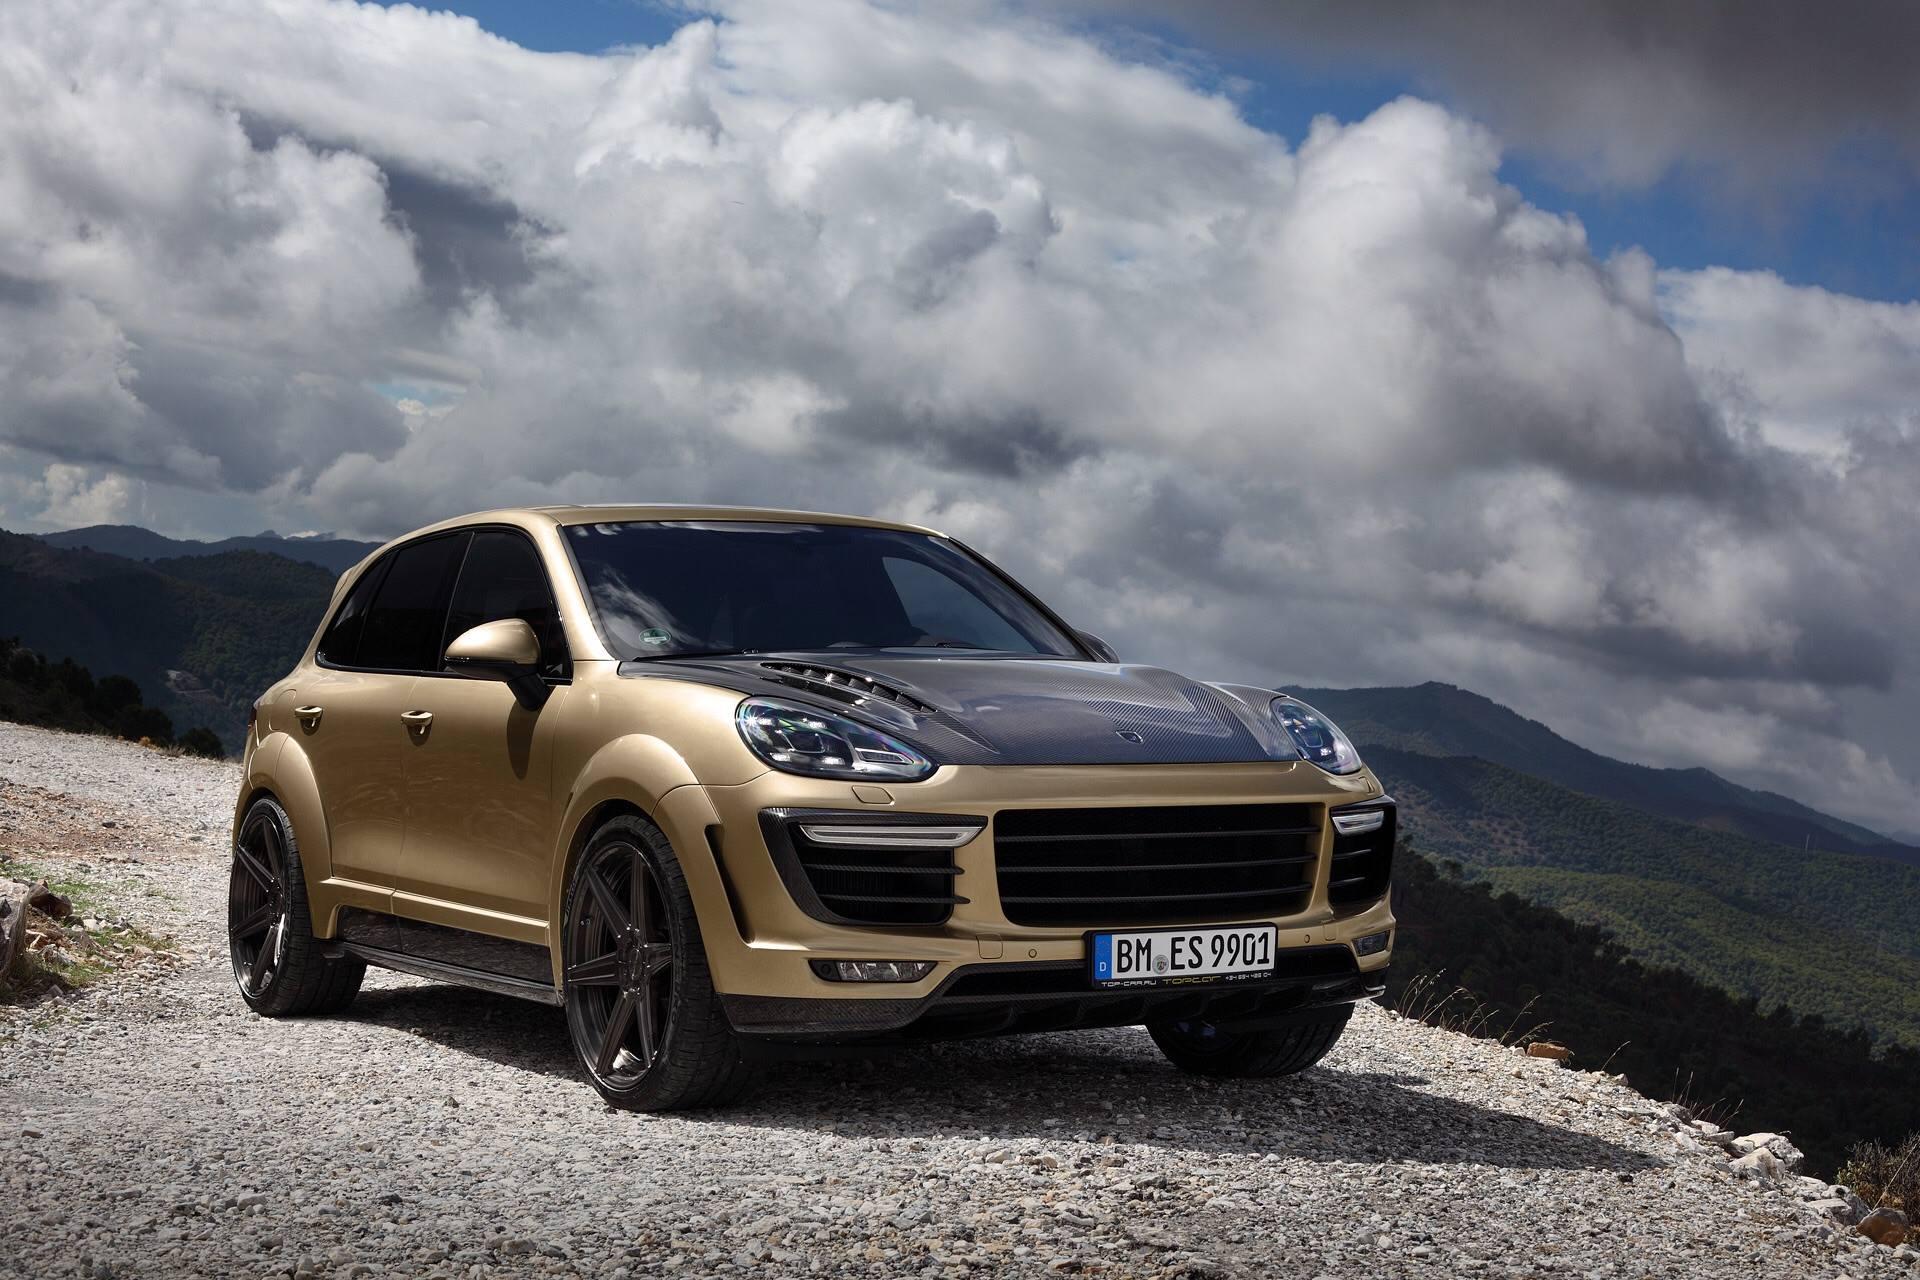 Porsche Cayenne Turbo Gets Topcar Vantage Treatment In